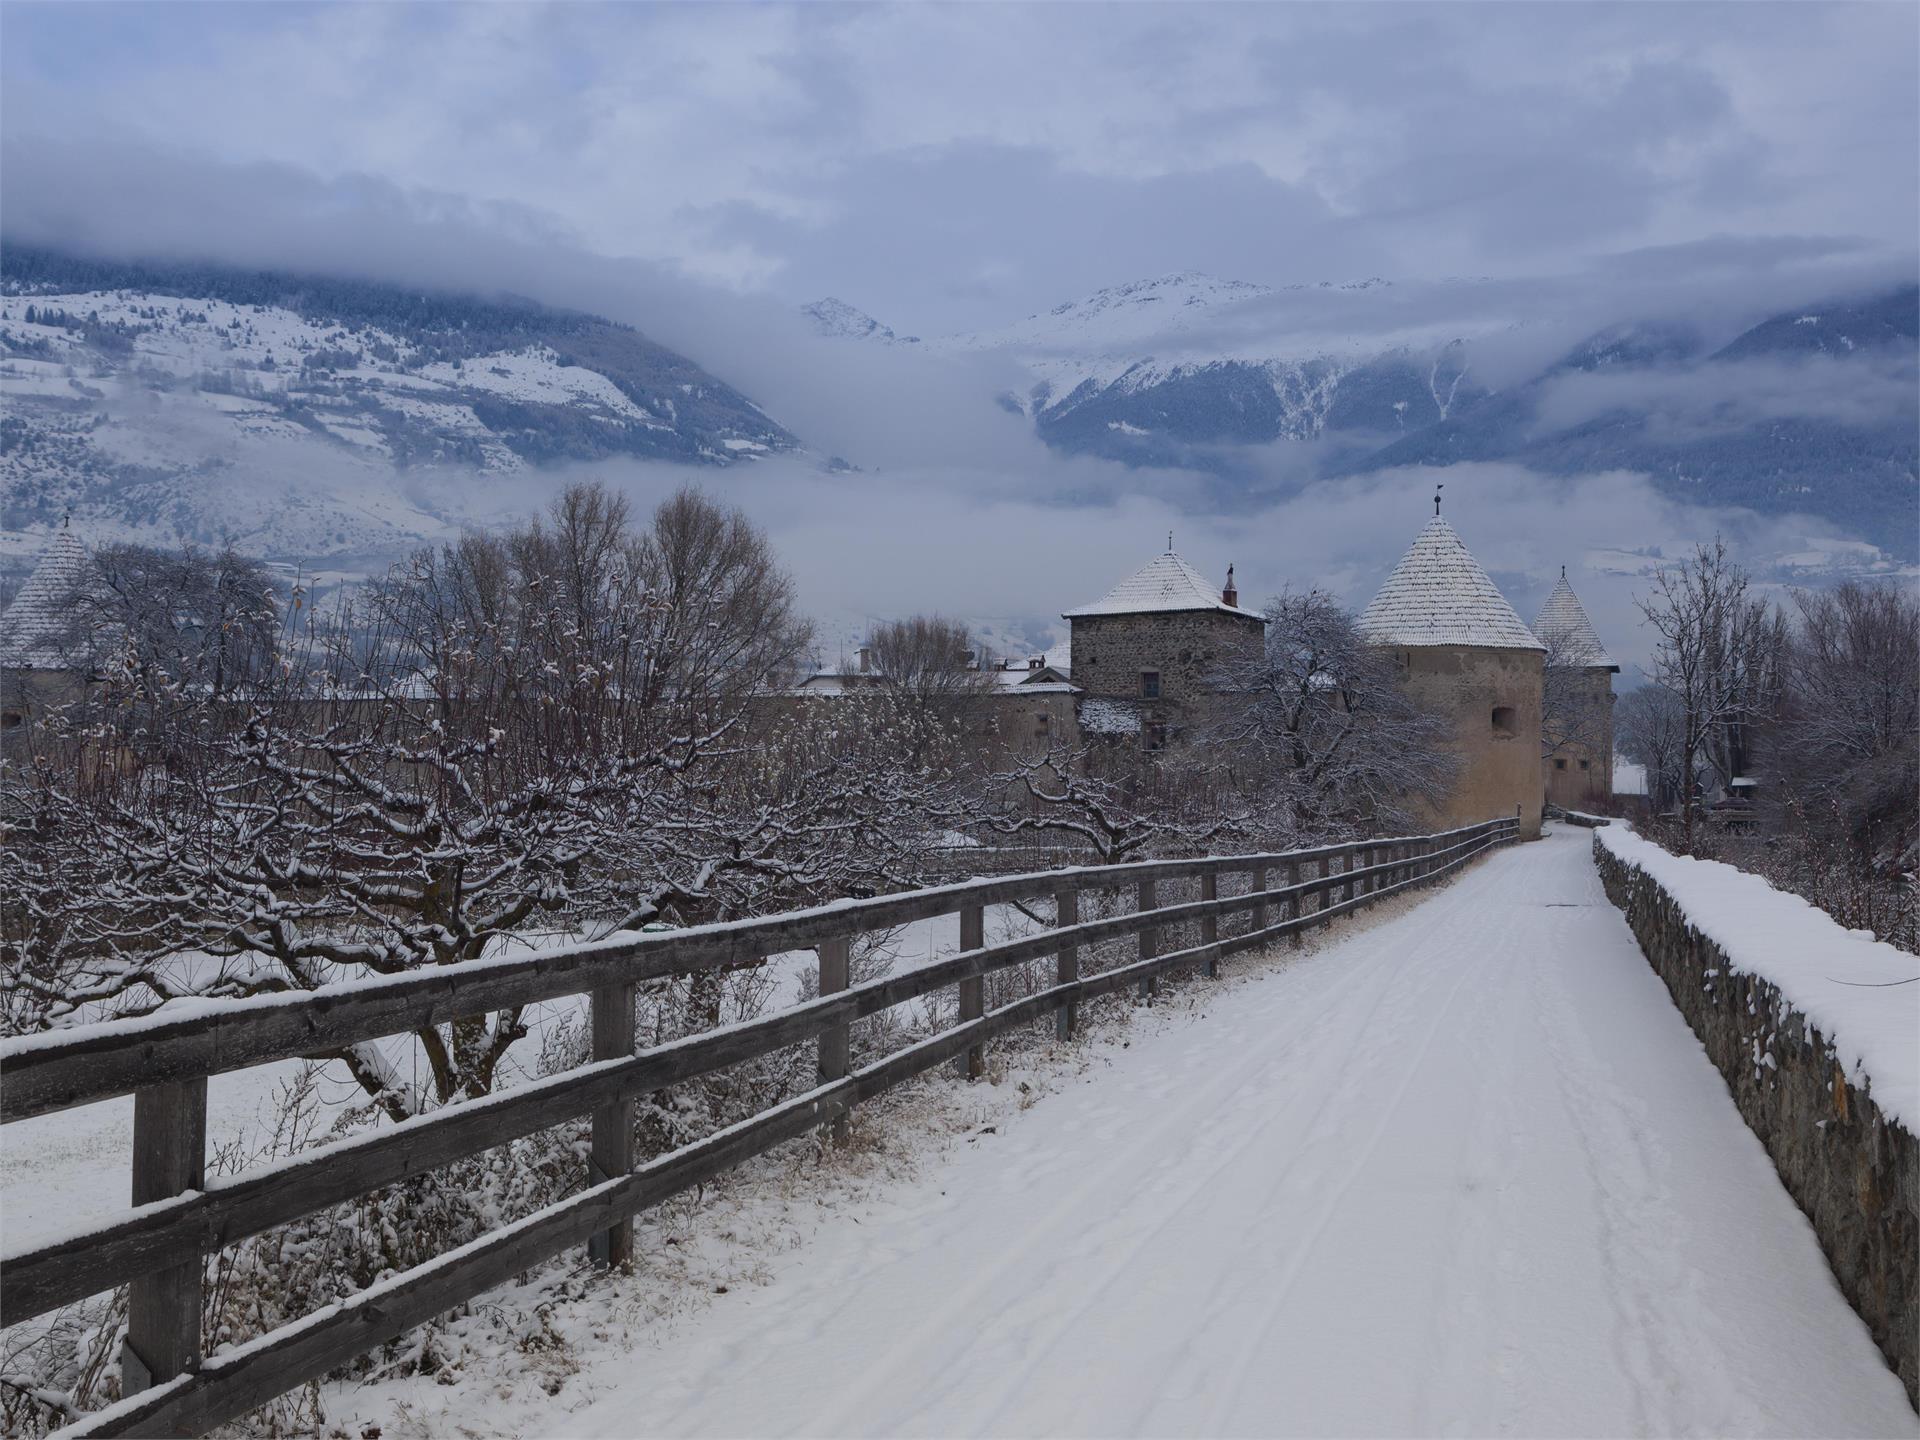 Erlebnisstadtführung im Winter durch die mittelalterliche Stadt Glurns